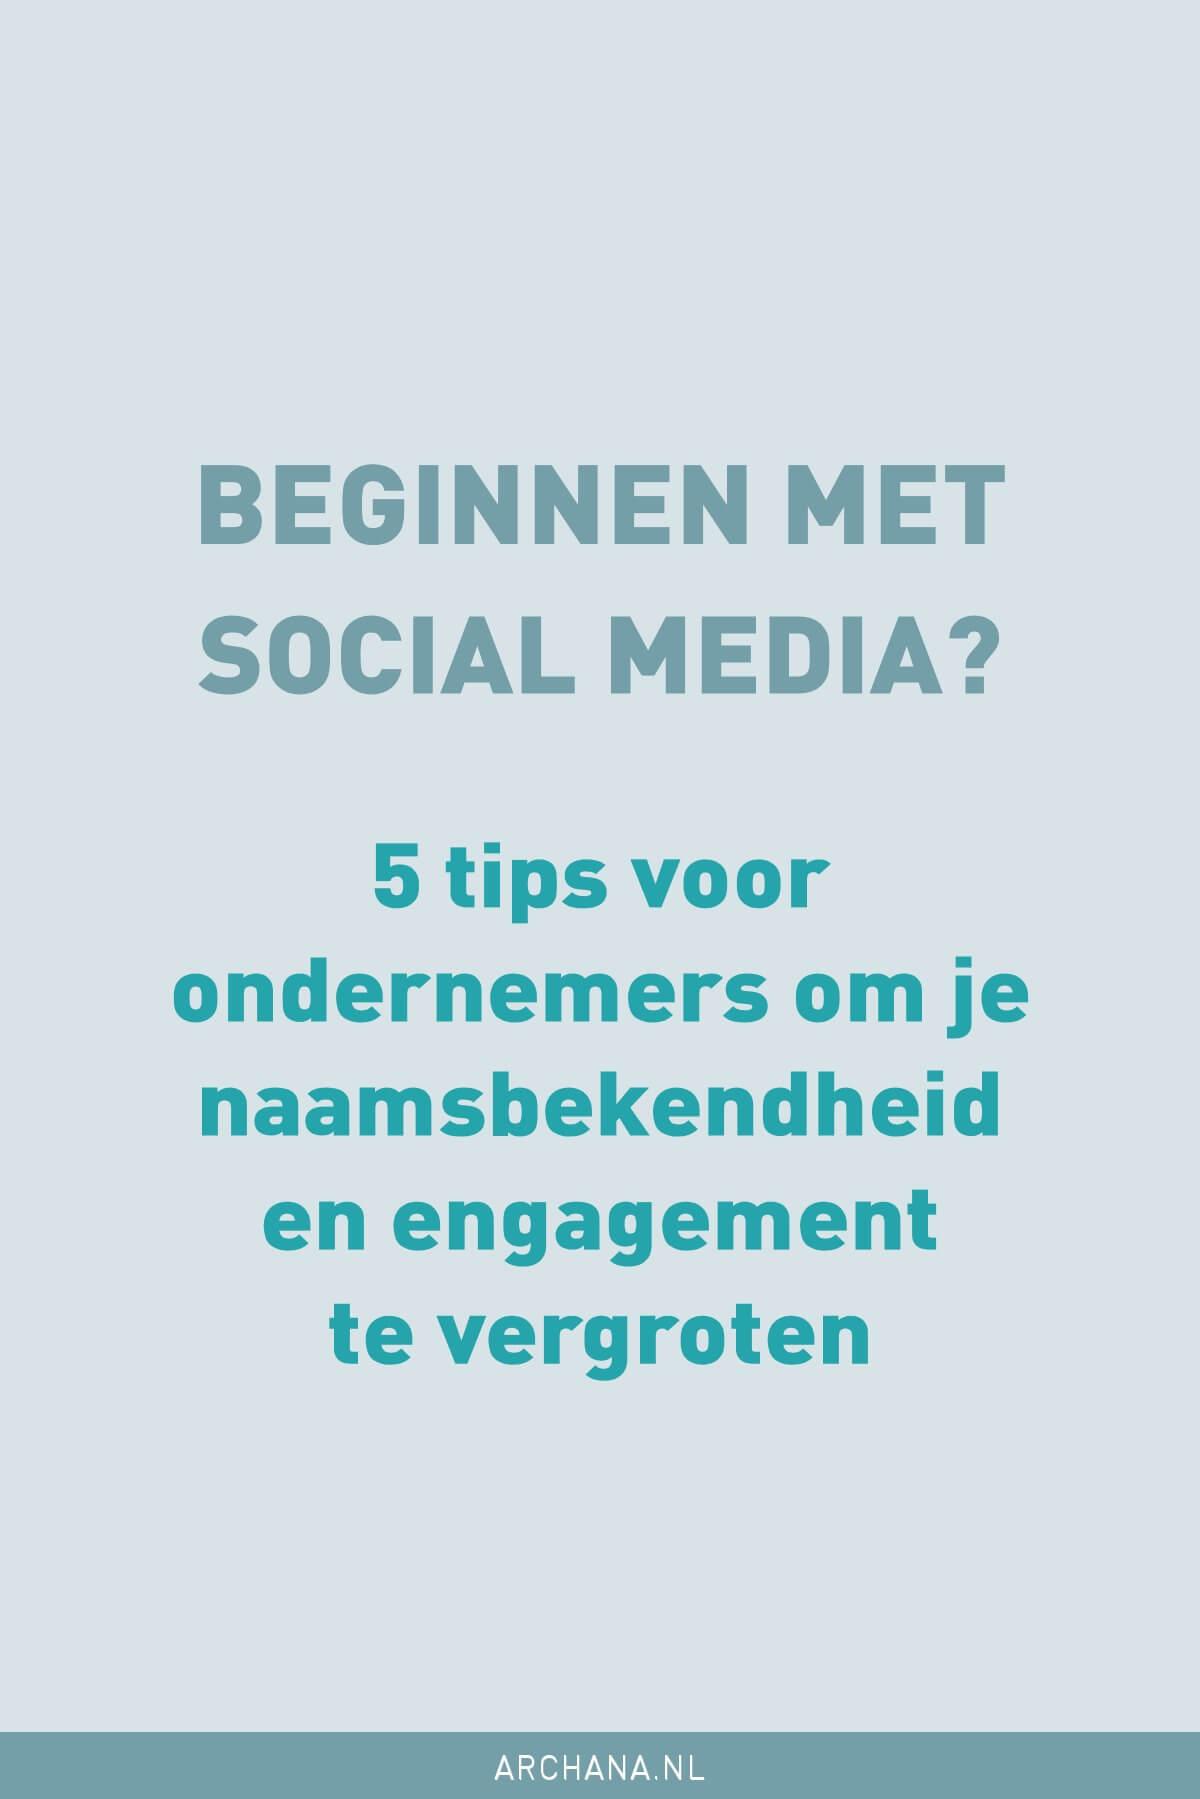 Beginnen met social media? 5 tips voor ondernemers om je naamsbekendheid en engagement te vergroten • Blog tips en Social media tips | ARCHANA.NL